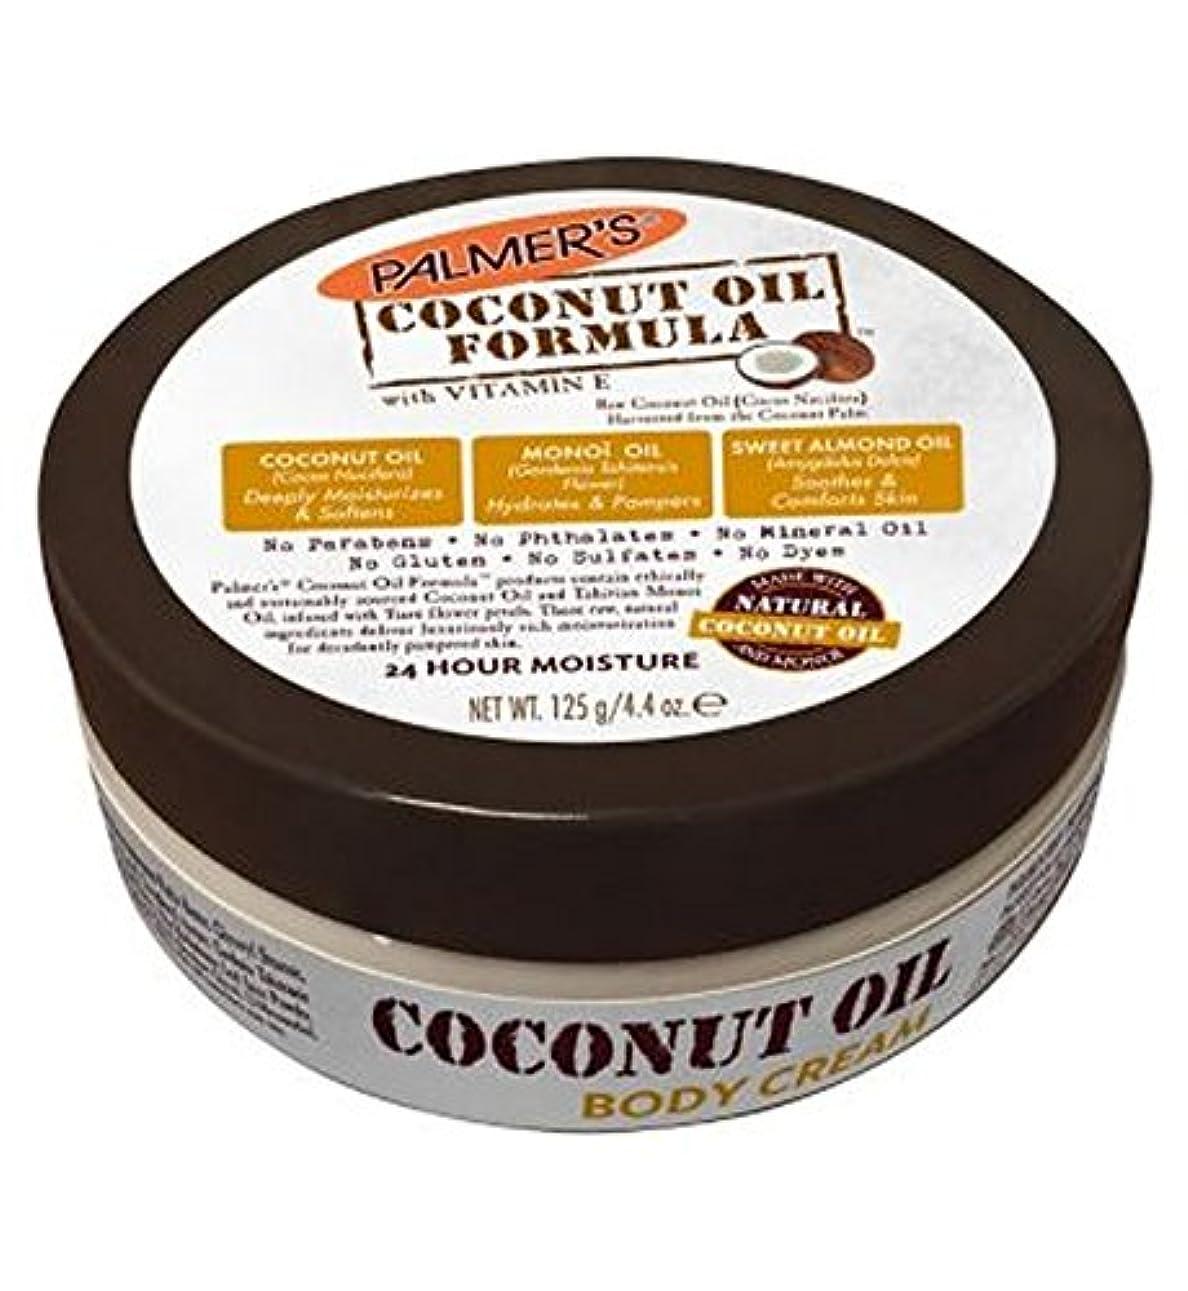 取る逮捕ファイアルPalmer's Coconut Oil Formula Body Cream 125g - パーマーのヤシ油式ボディクリーム125グラム (Palmer's) [並行輸入品]